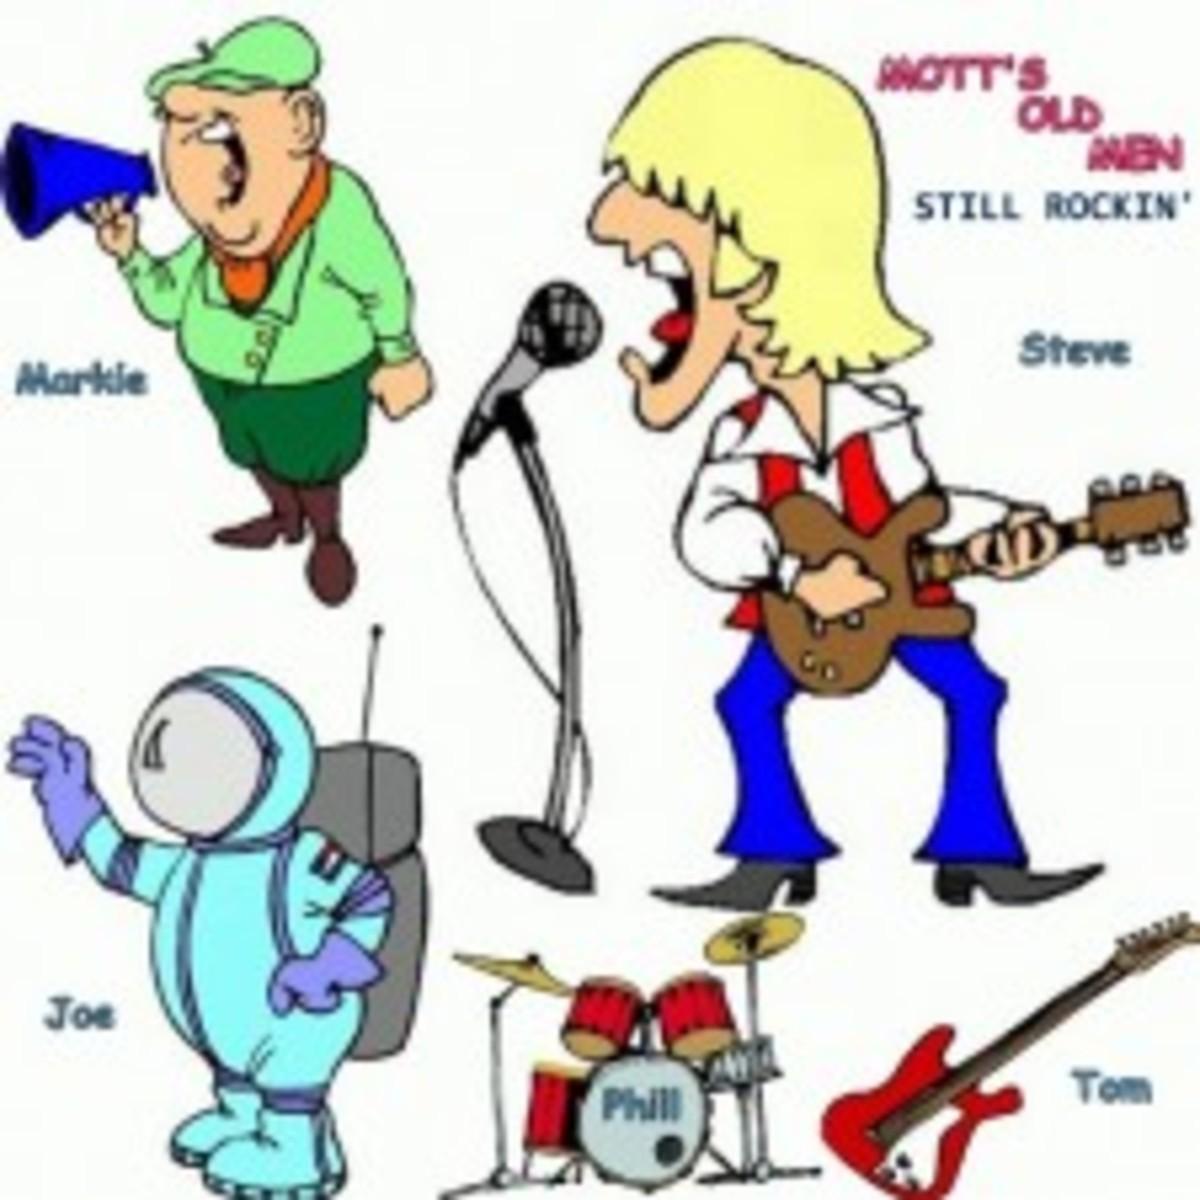 Mott's Old Men Still Rockin(521X)